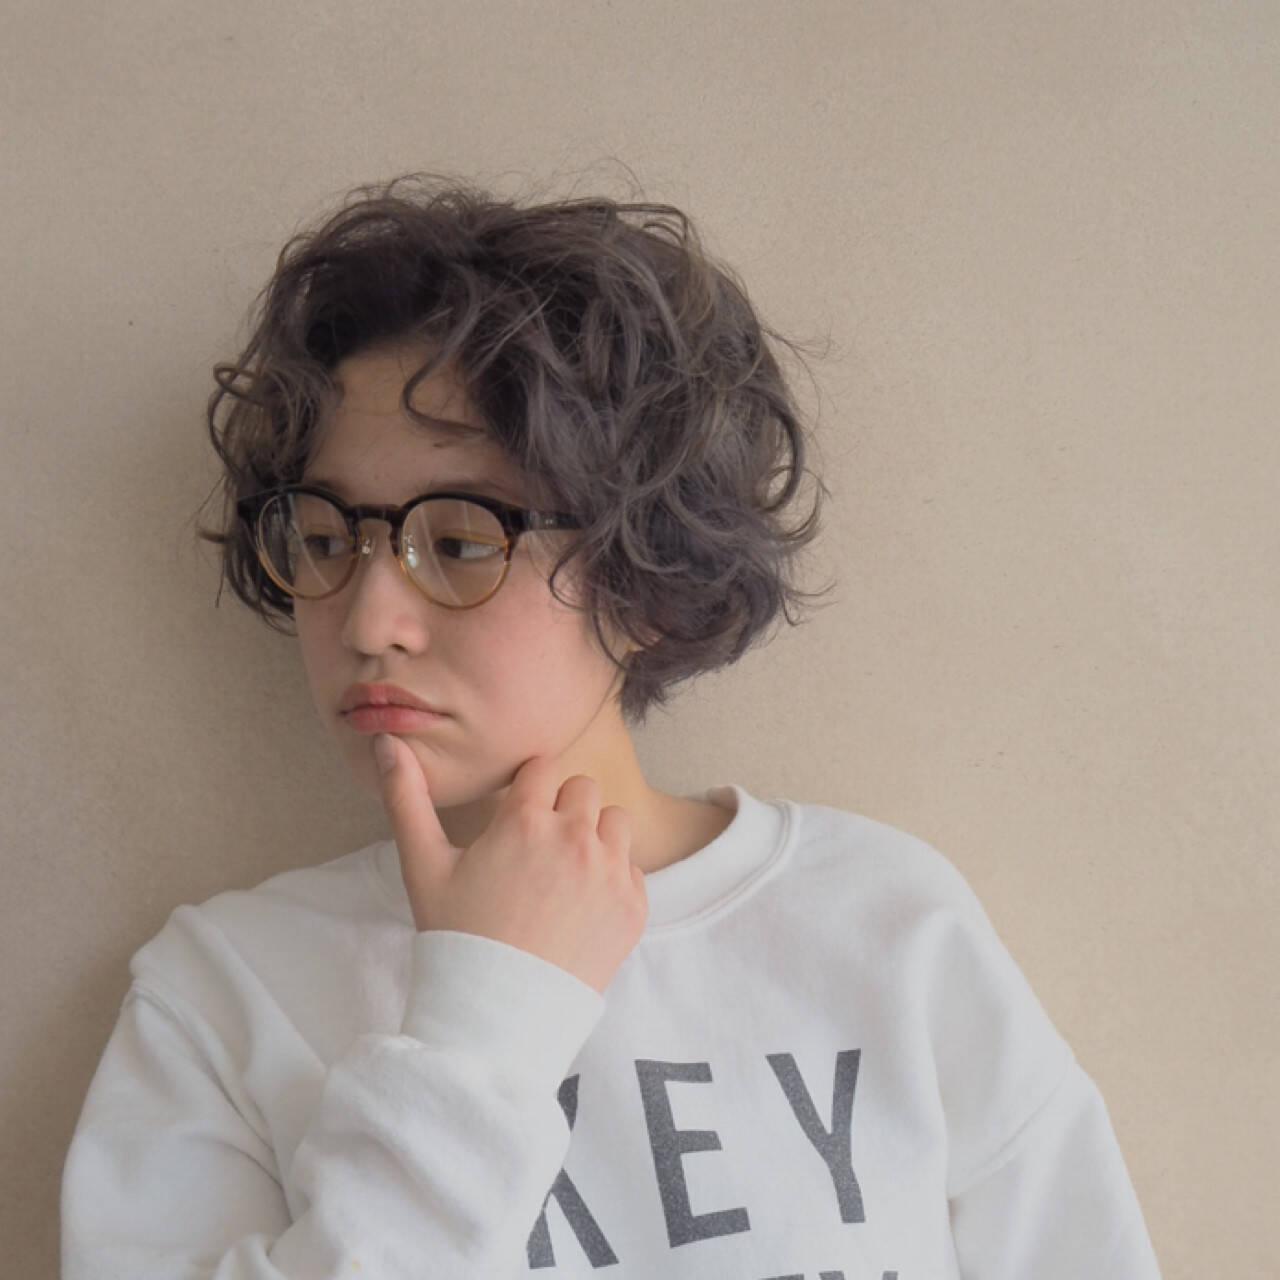 くせ毛風 ナチュラル ショート パーマヘアスタイルや髪型の写真・画像